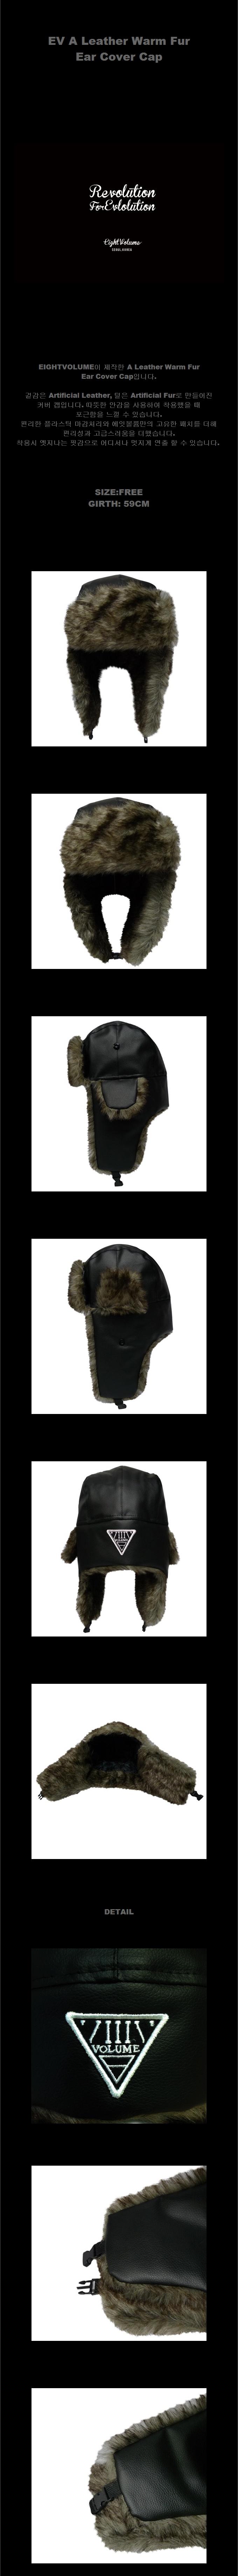 [에잇볼륨] EV A Leather Warm Fur Ear Cover Cap